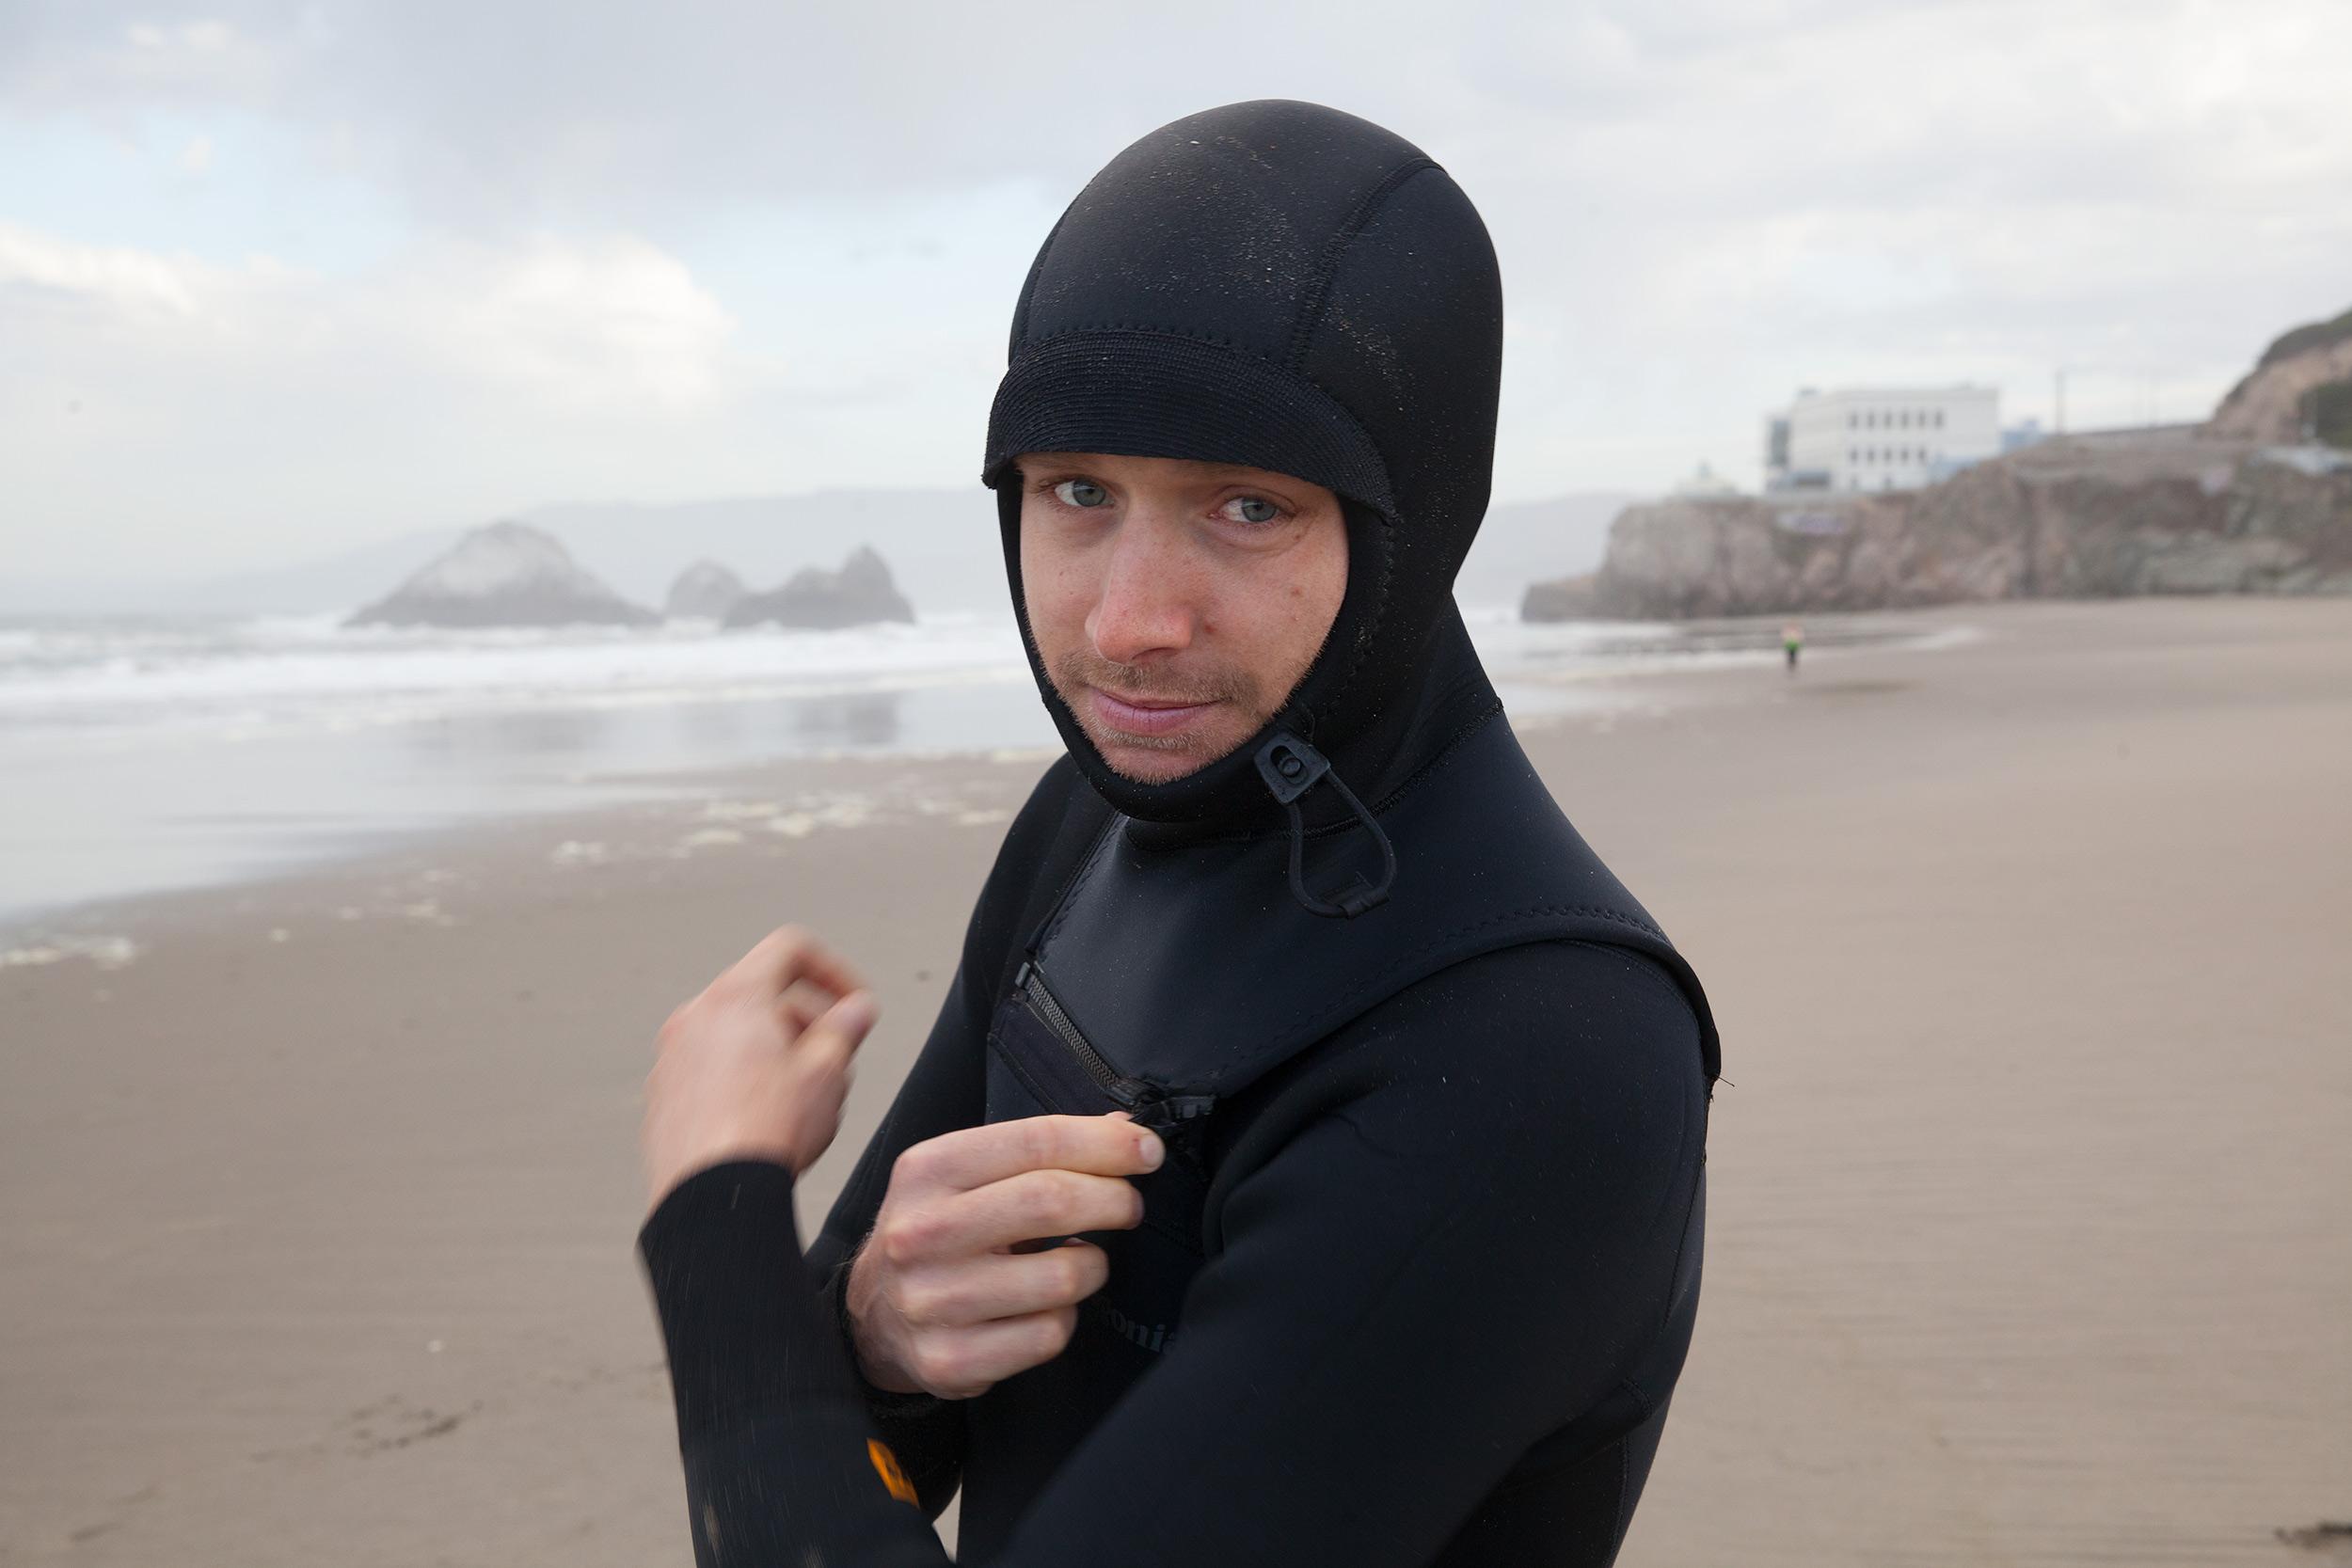 Miles-OceanBeach-Surfer.jpg